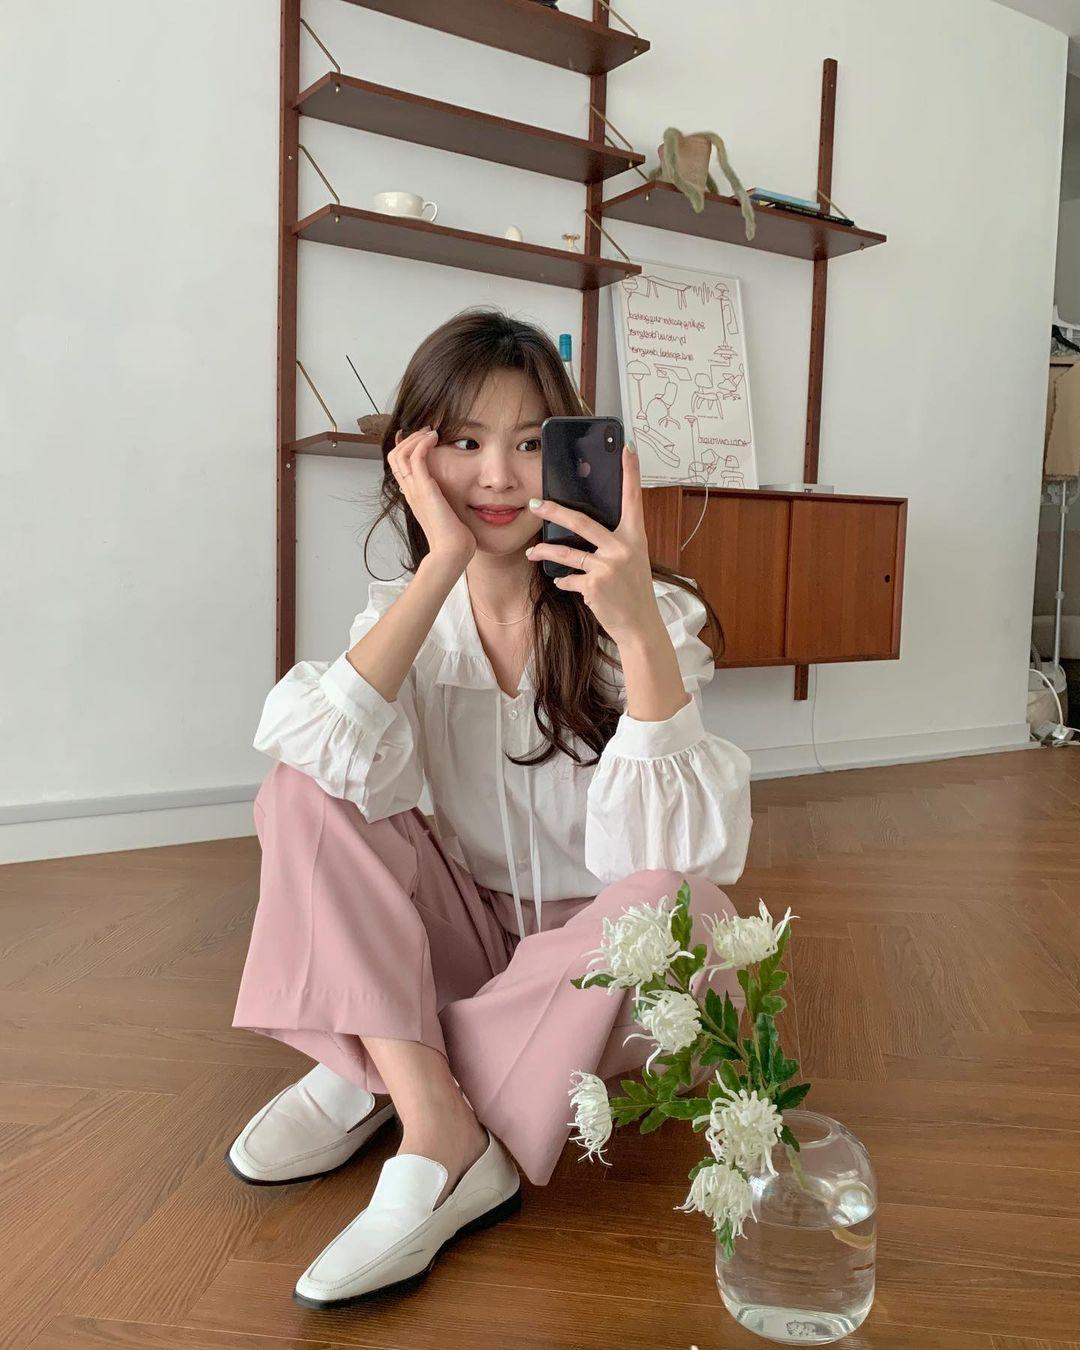 5 mẫu giày dép gái Hàn đang chuộng mix với quần âu để sang chảnh hóa cả set đồ công sở - Ảnh 13